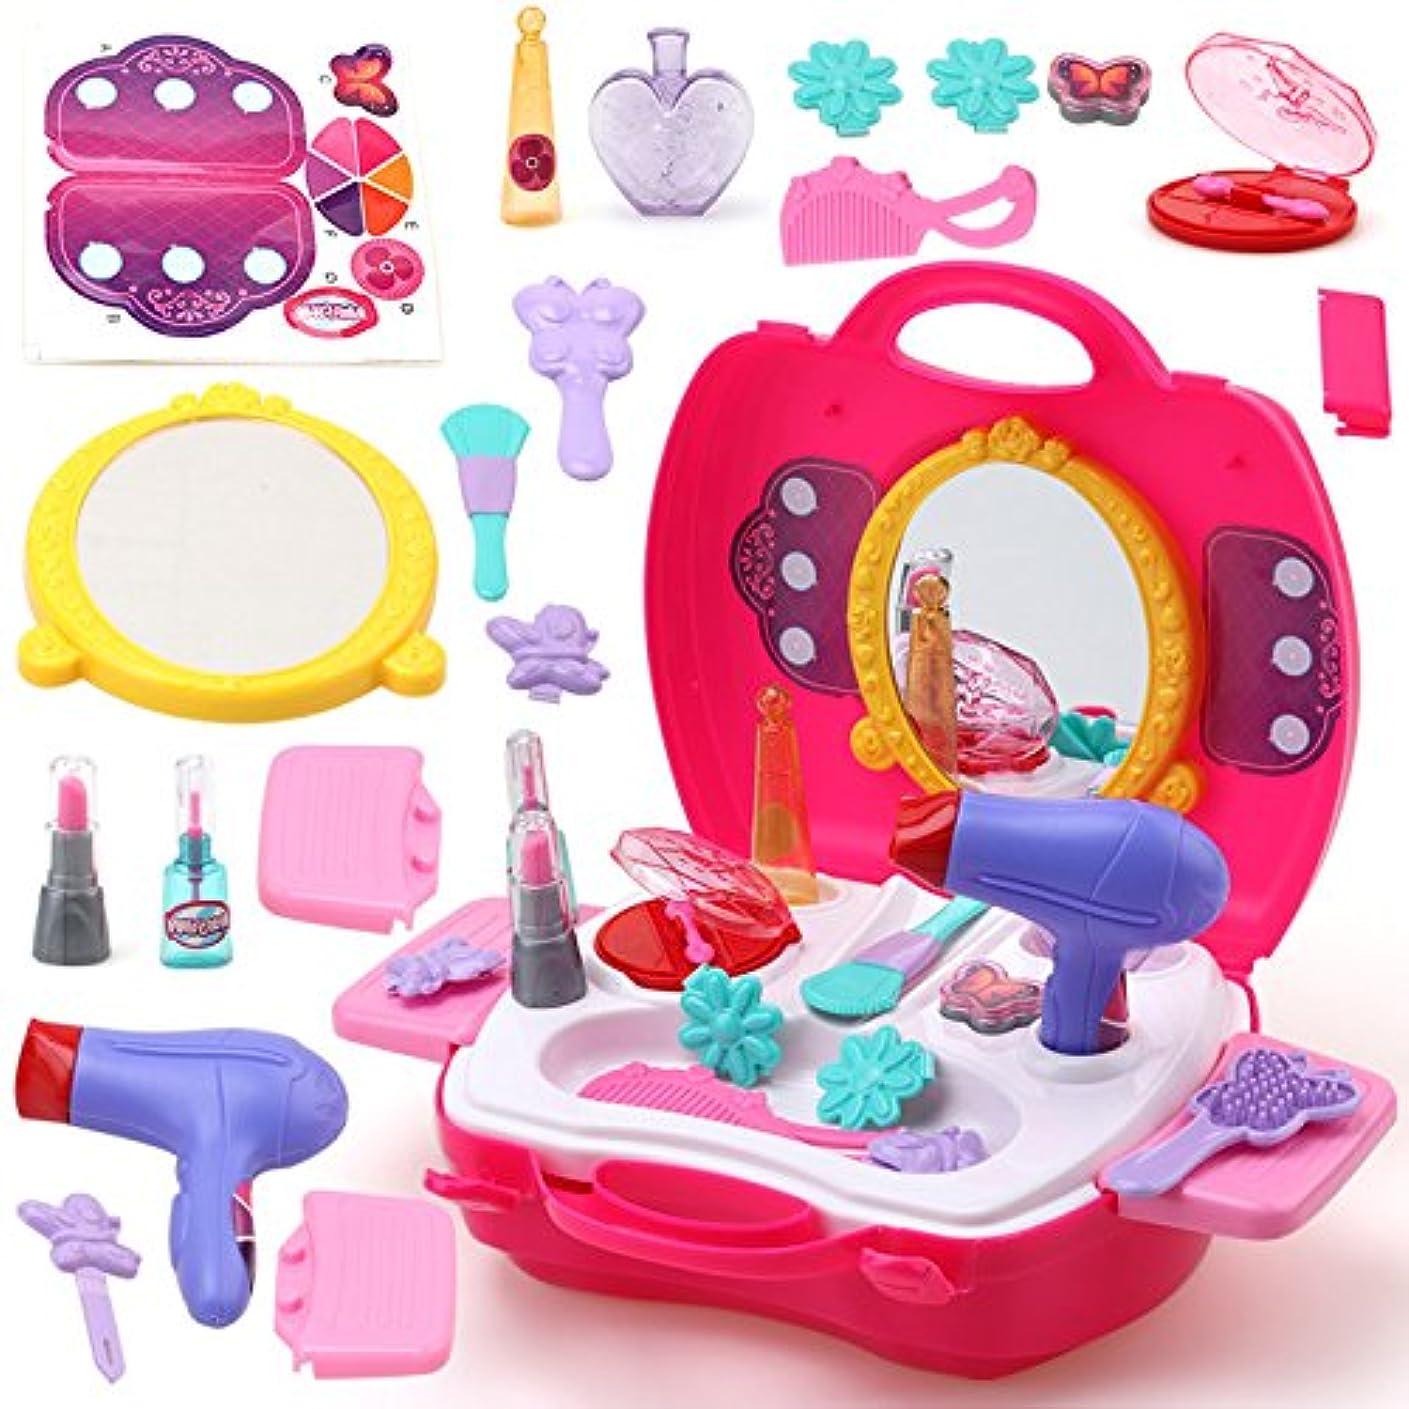 シャトル最小化するキネマティクスLiebeye ポータブル プラスチック化粧品のケース おもちゃ 教育おもちゃ ギフト 赤ちゃん 女の子